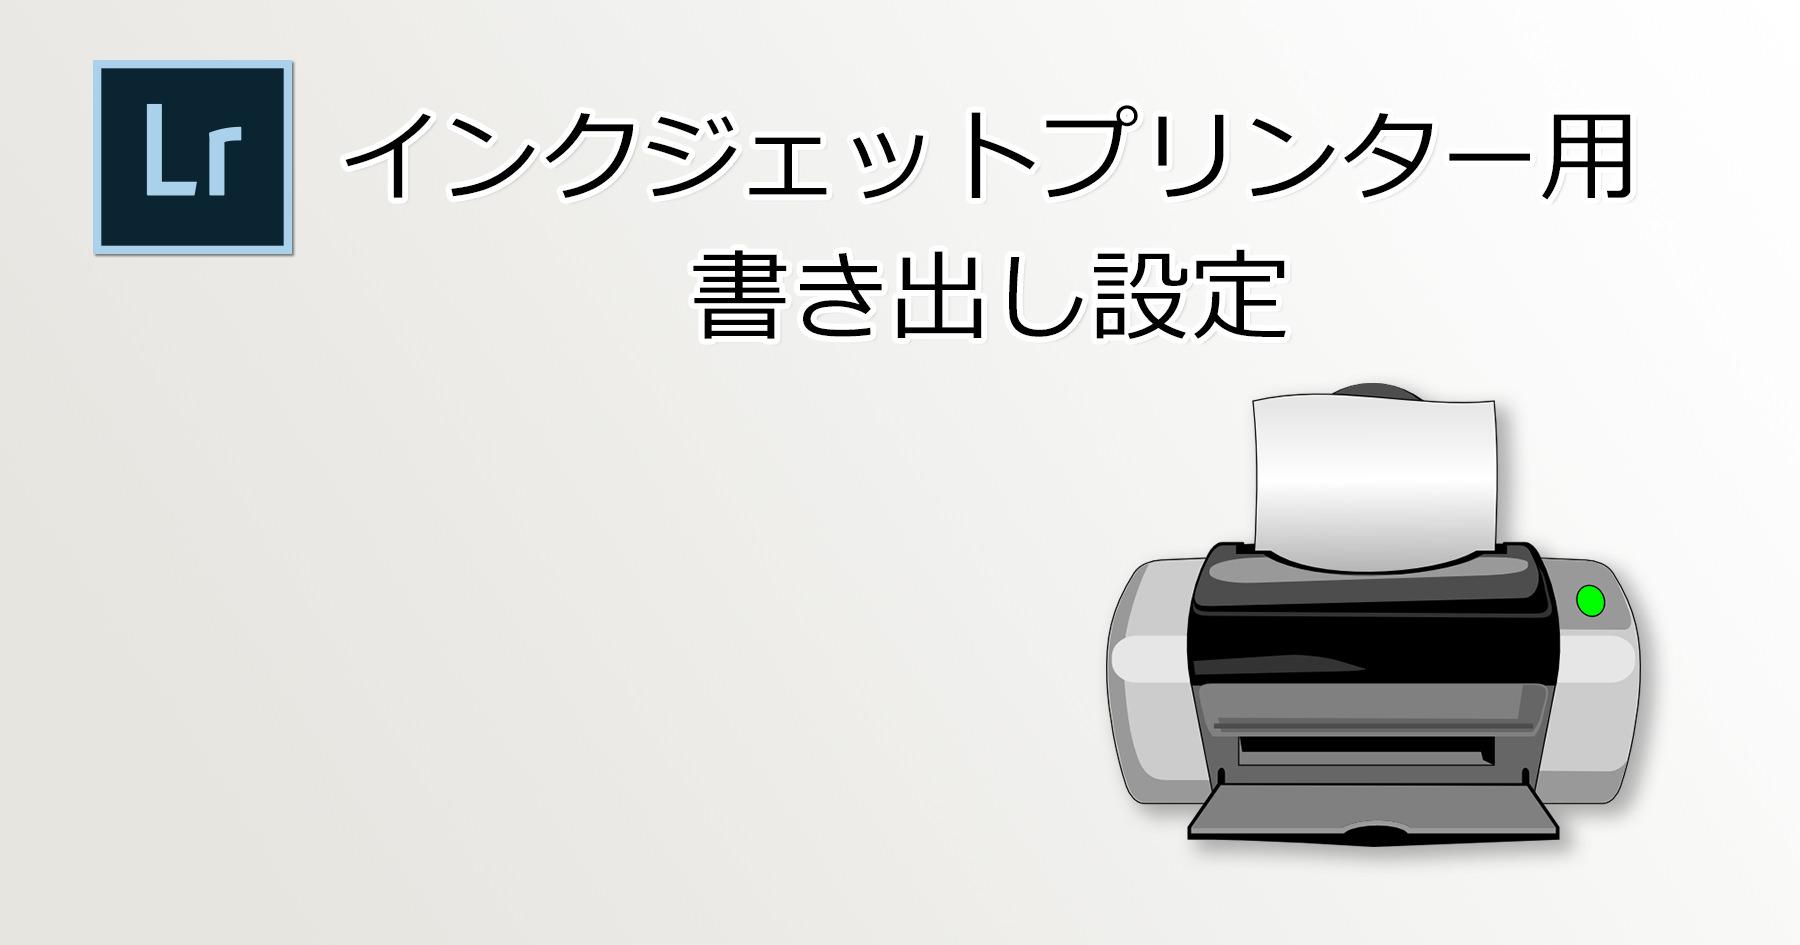 インクジェットプリンター用書き出し設定-Main